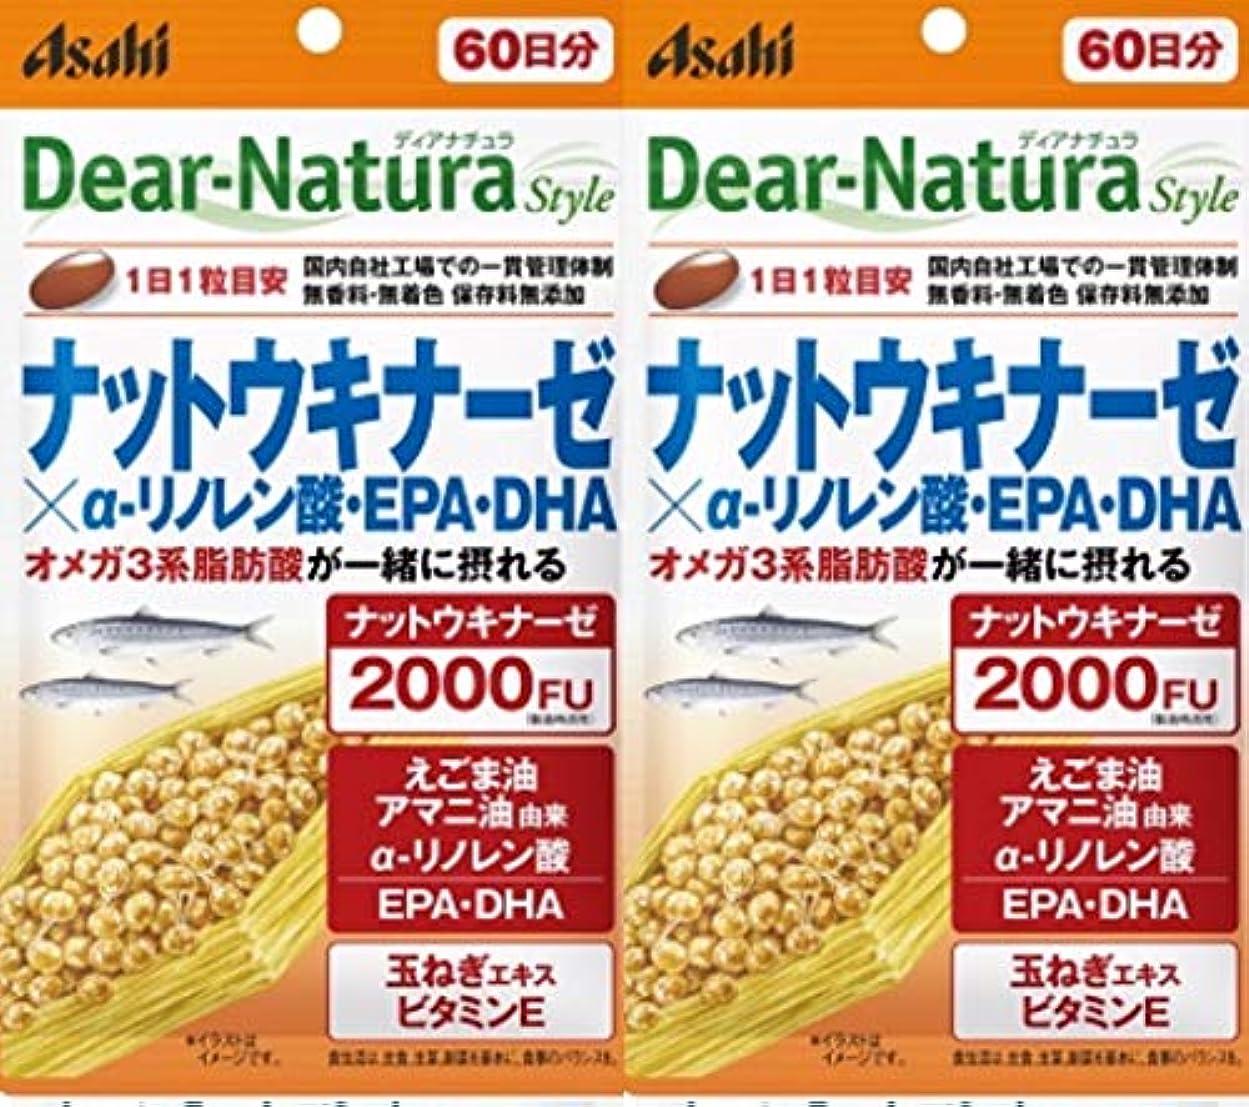 ラック夢コード【2個】ディアナチュラ ナットウキナーゼ×α-リノレン酸?EPA?DHA